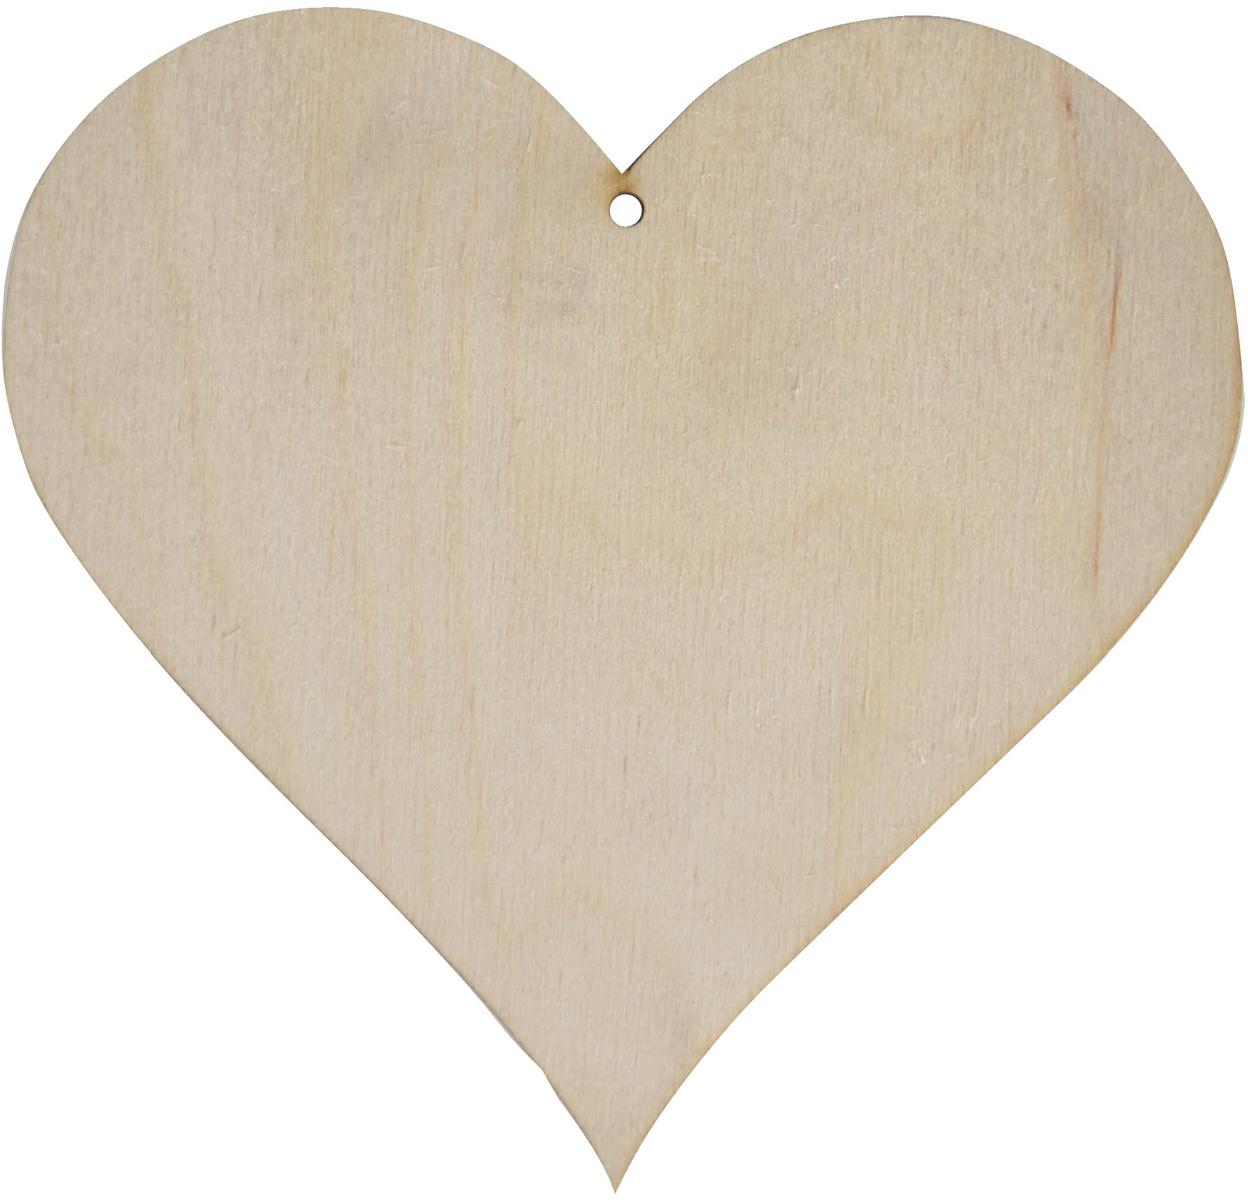 Заготовка деревянная Decoriton Сердце №1, 10 х 0,3 см idigo заготовка для декорирования из пенопласта корова 15 9см dz1501